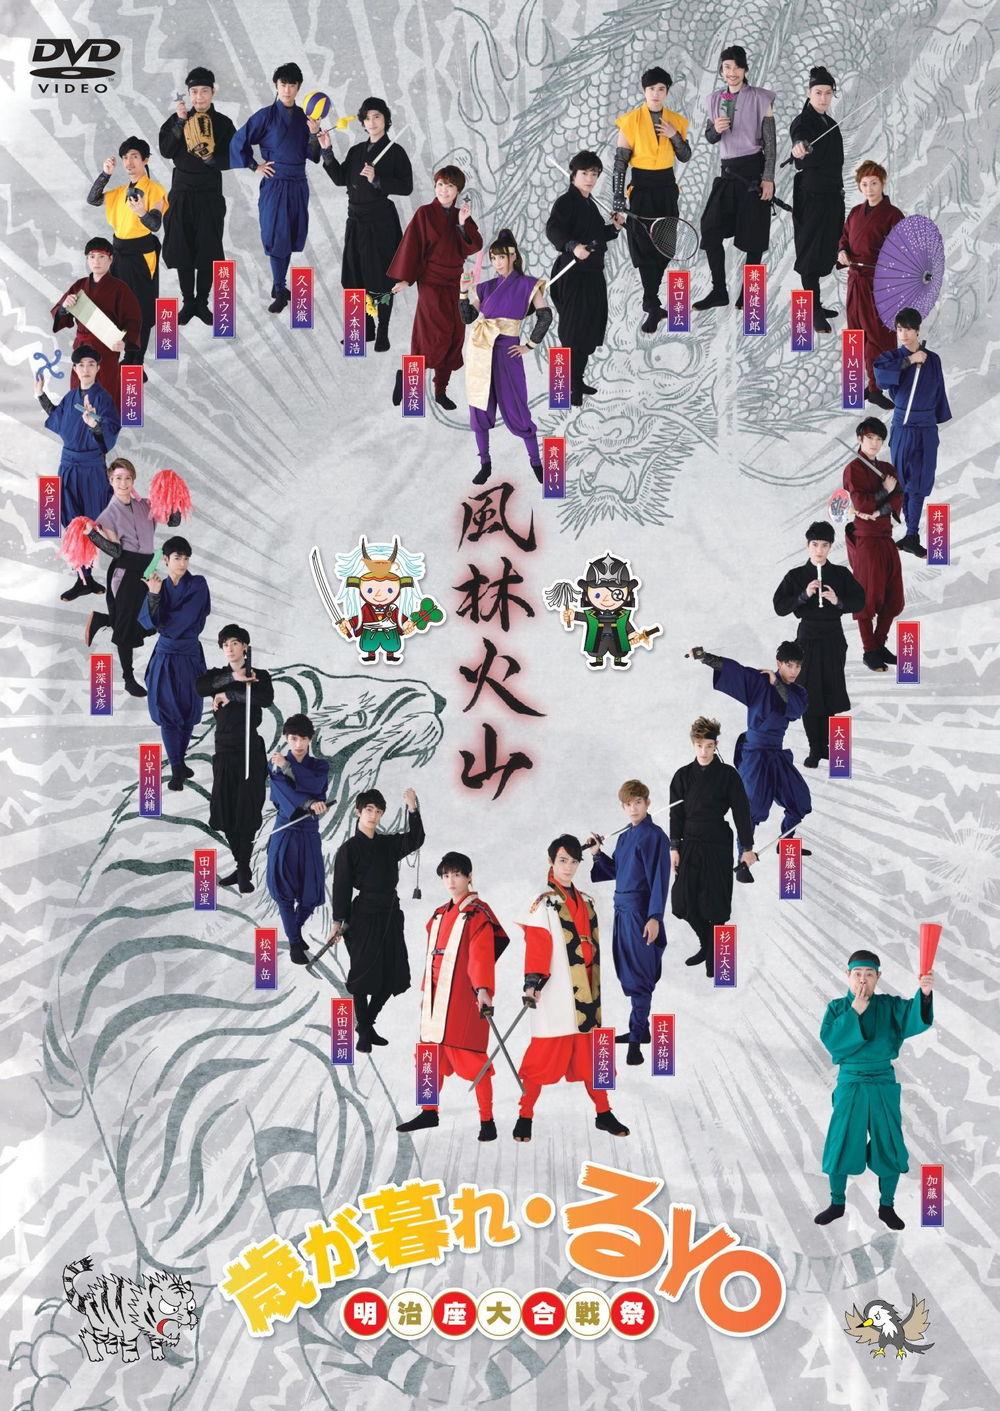 『歳が暮れ・るYO 明治座大合戦祭』DVDパッケージ